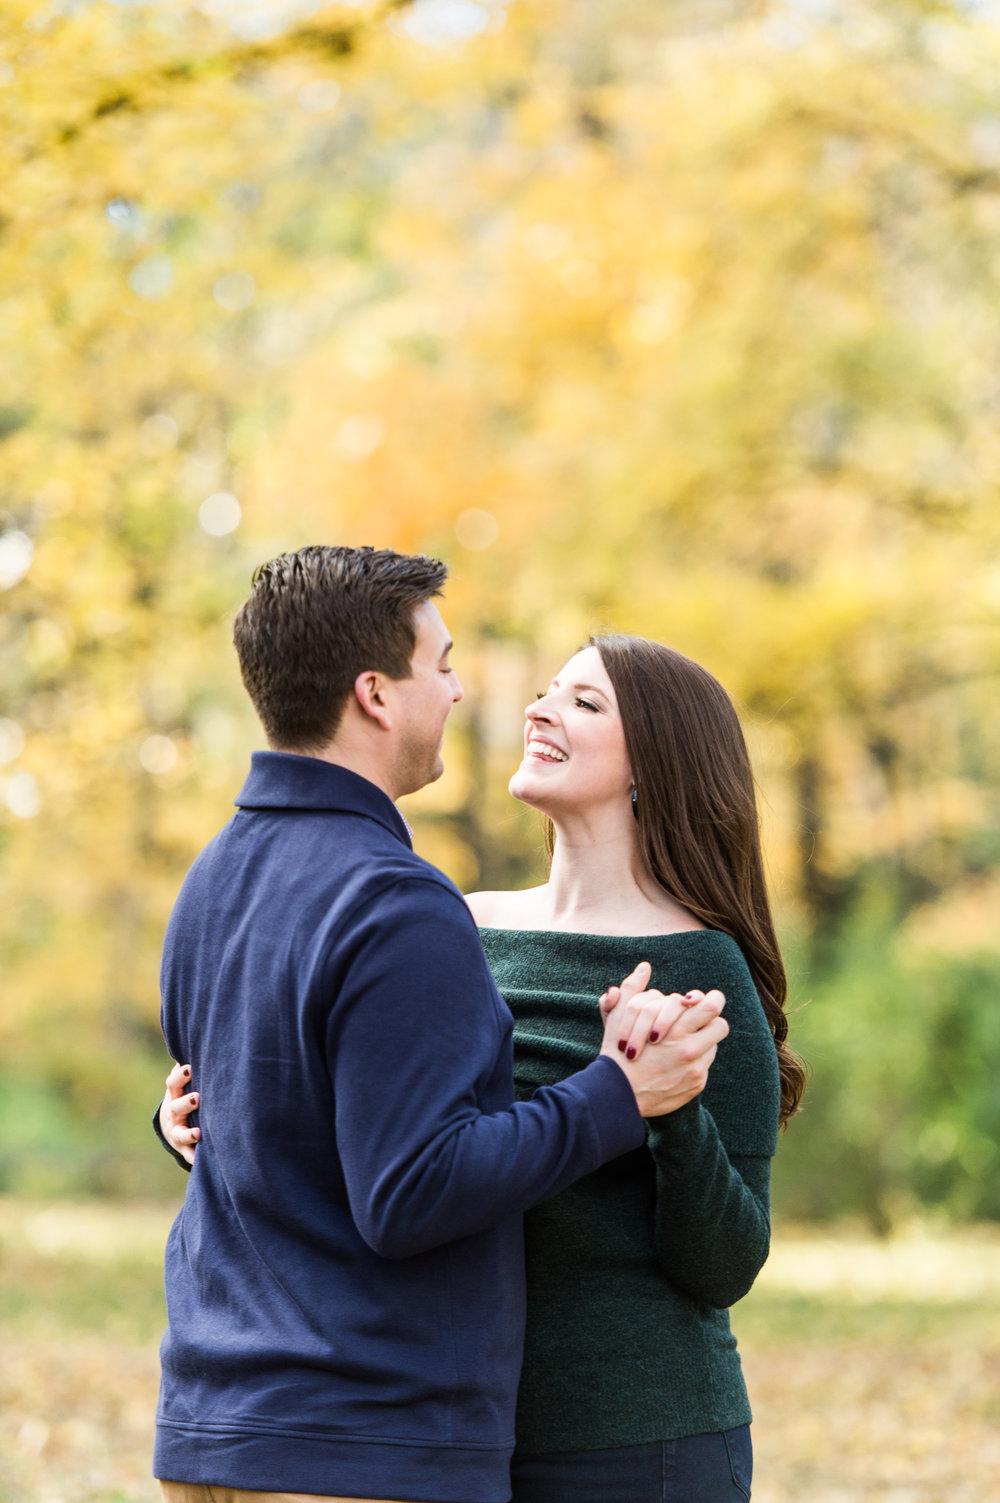 Arnold arboretum boston engagement session